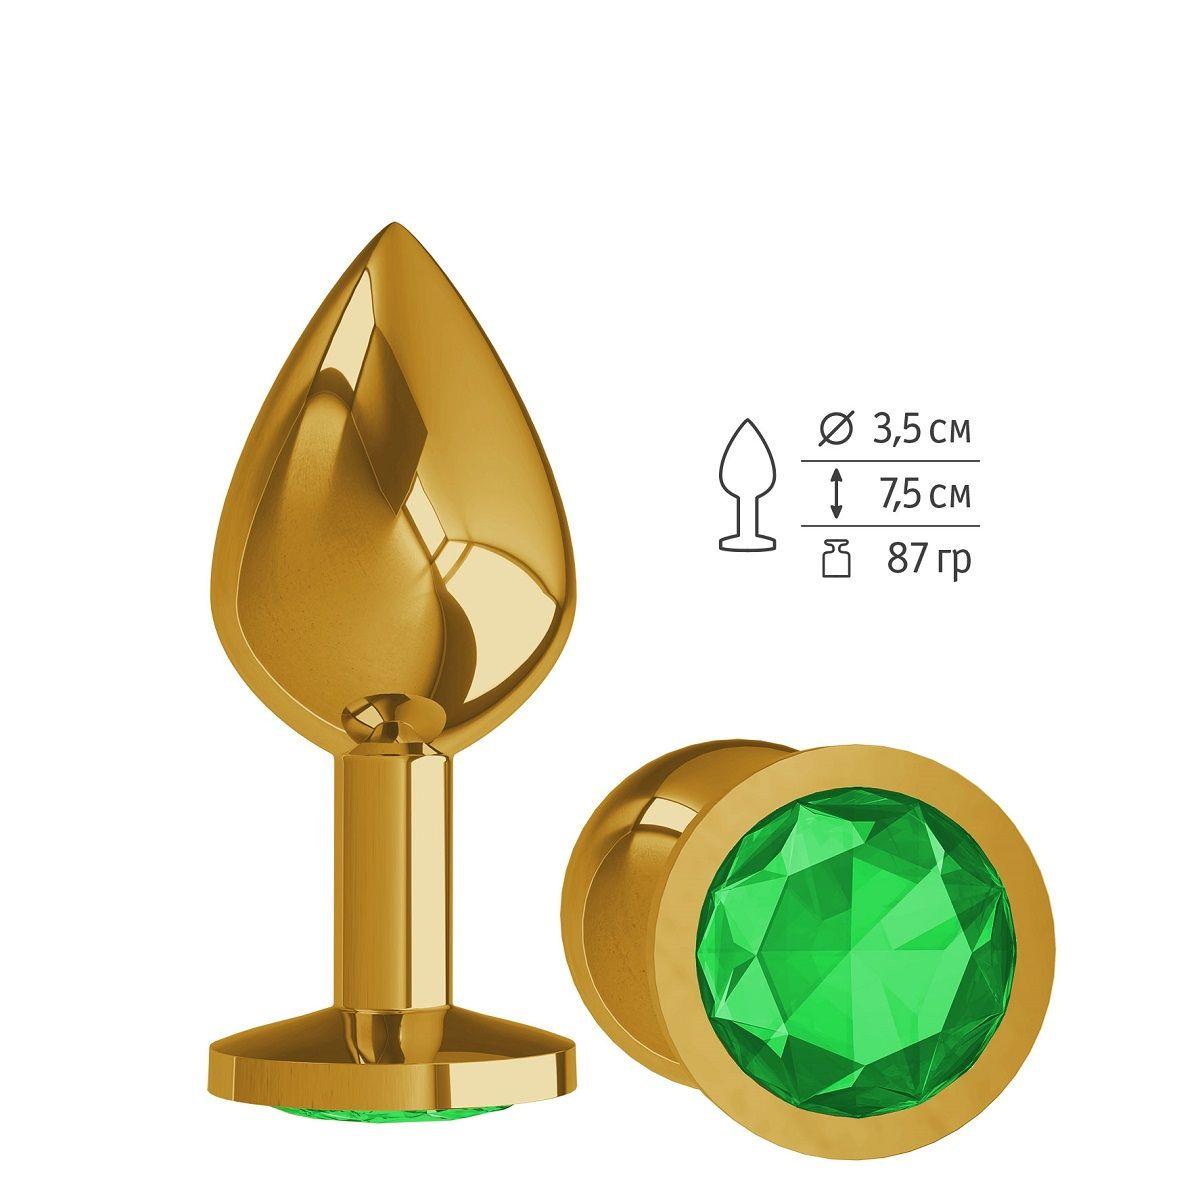 Золотистая средняя пробка с зеленым кристаллом - 8,5 см. 520-03 green-DD от Сумерки богов